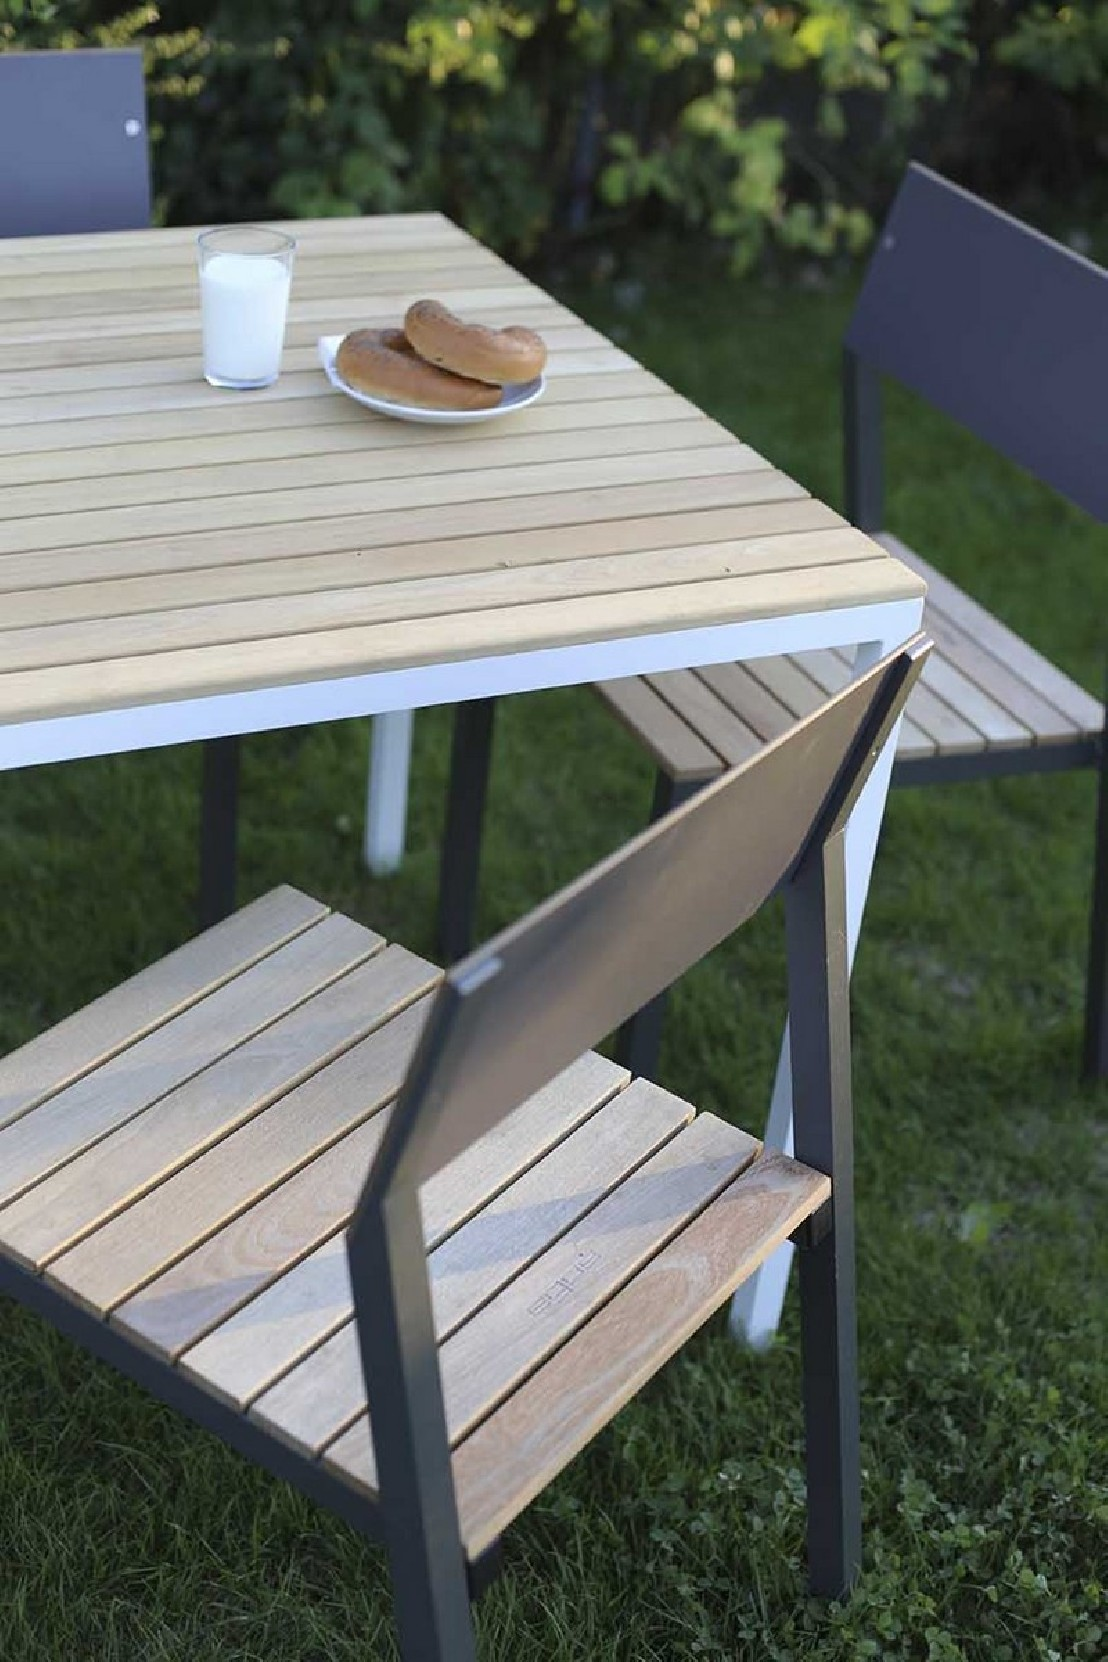 Ensemble repas cora table carr e et 4 chaises m tal aluminium de couleur et bois massif - Table jardin bois et metal rouen ...